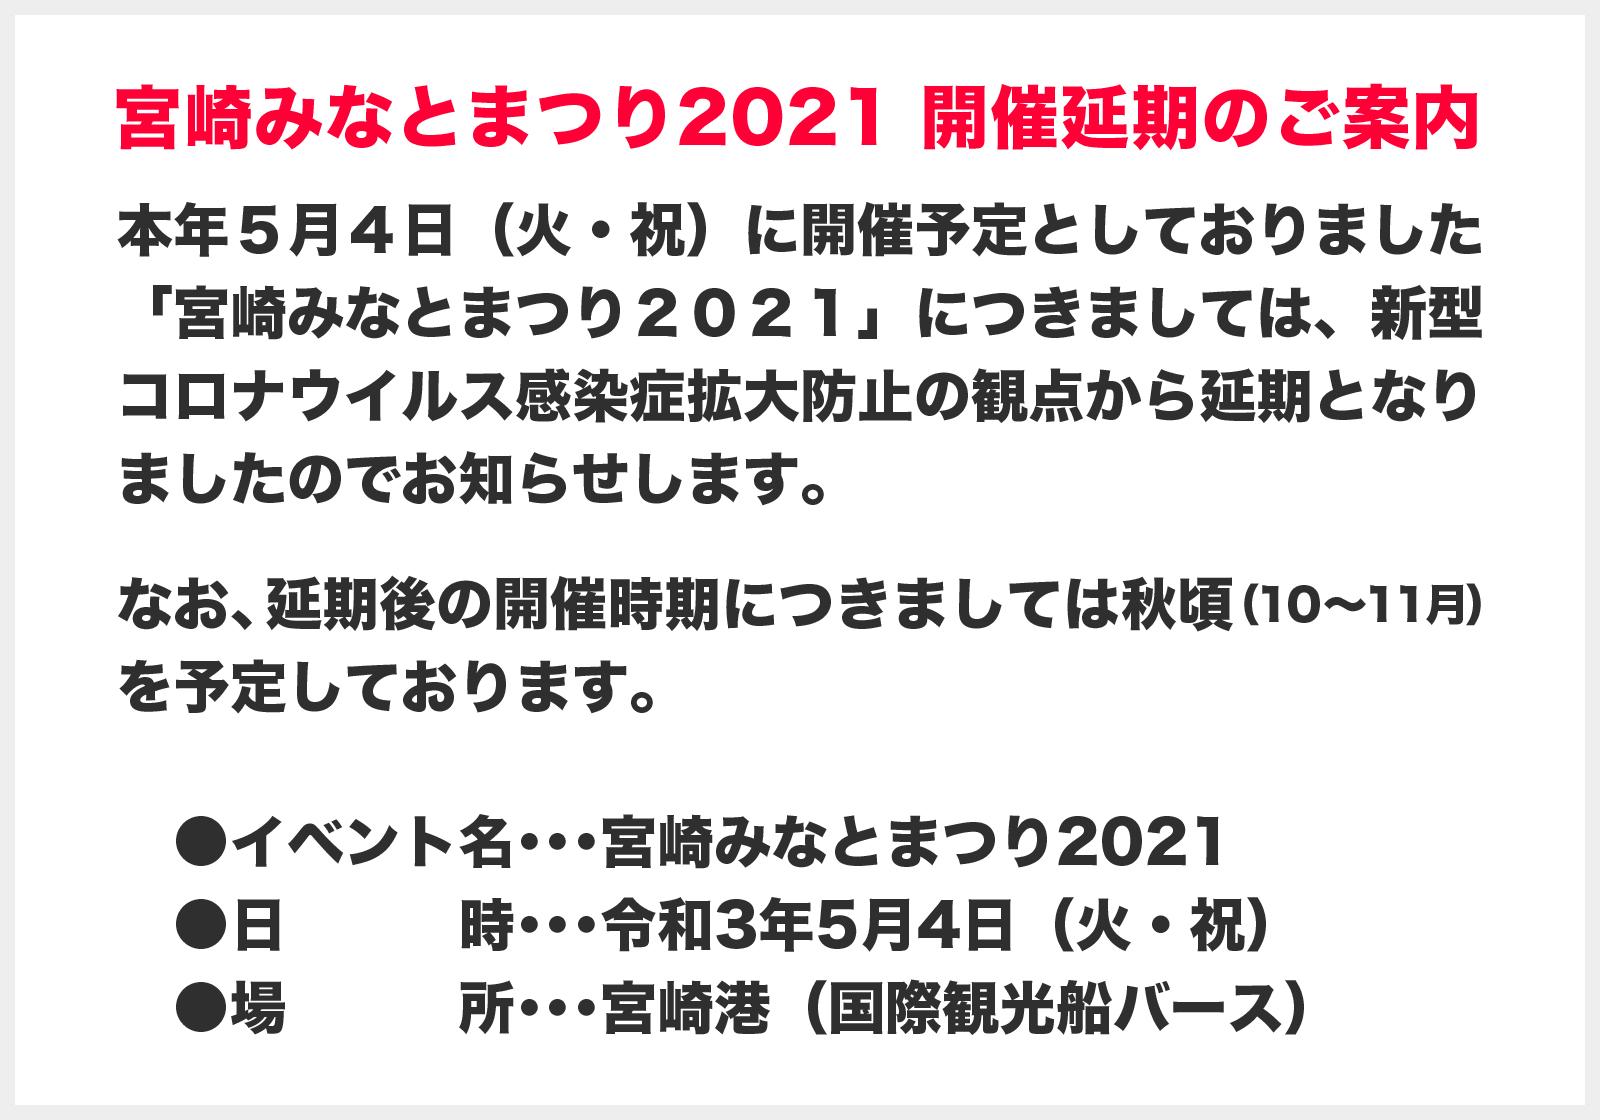 宮崎みなとまつり2021開催延期のお知らせ